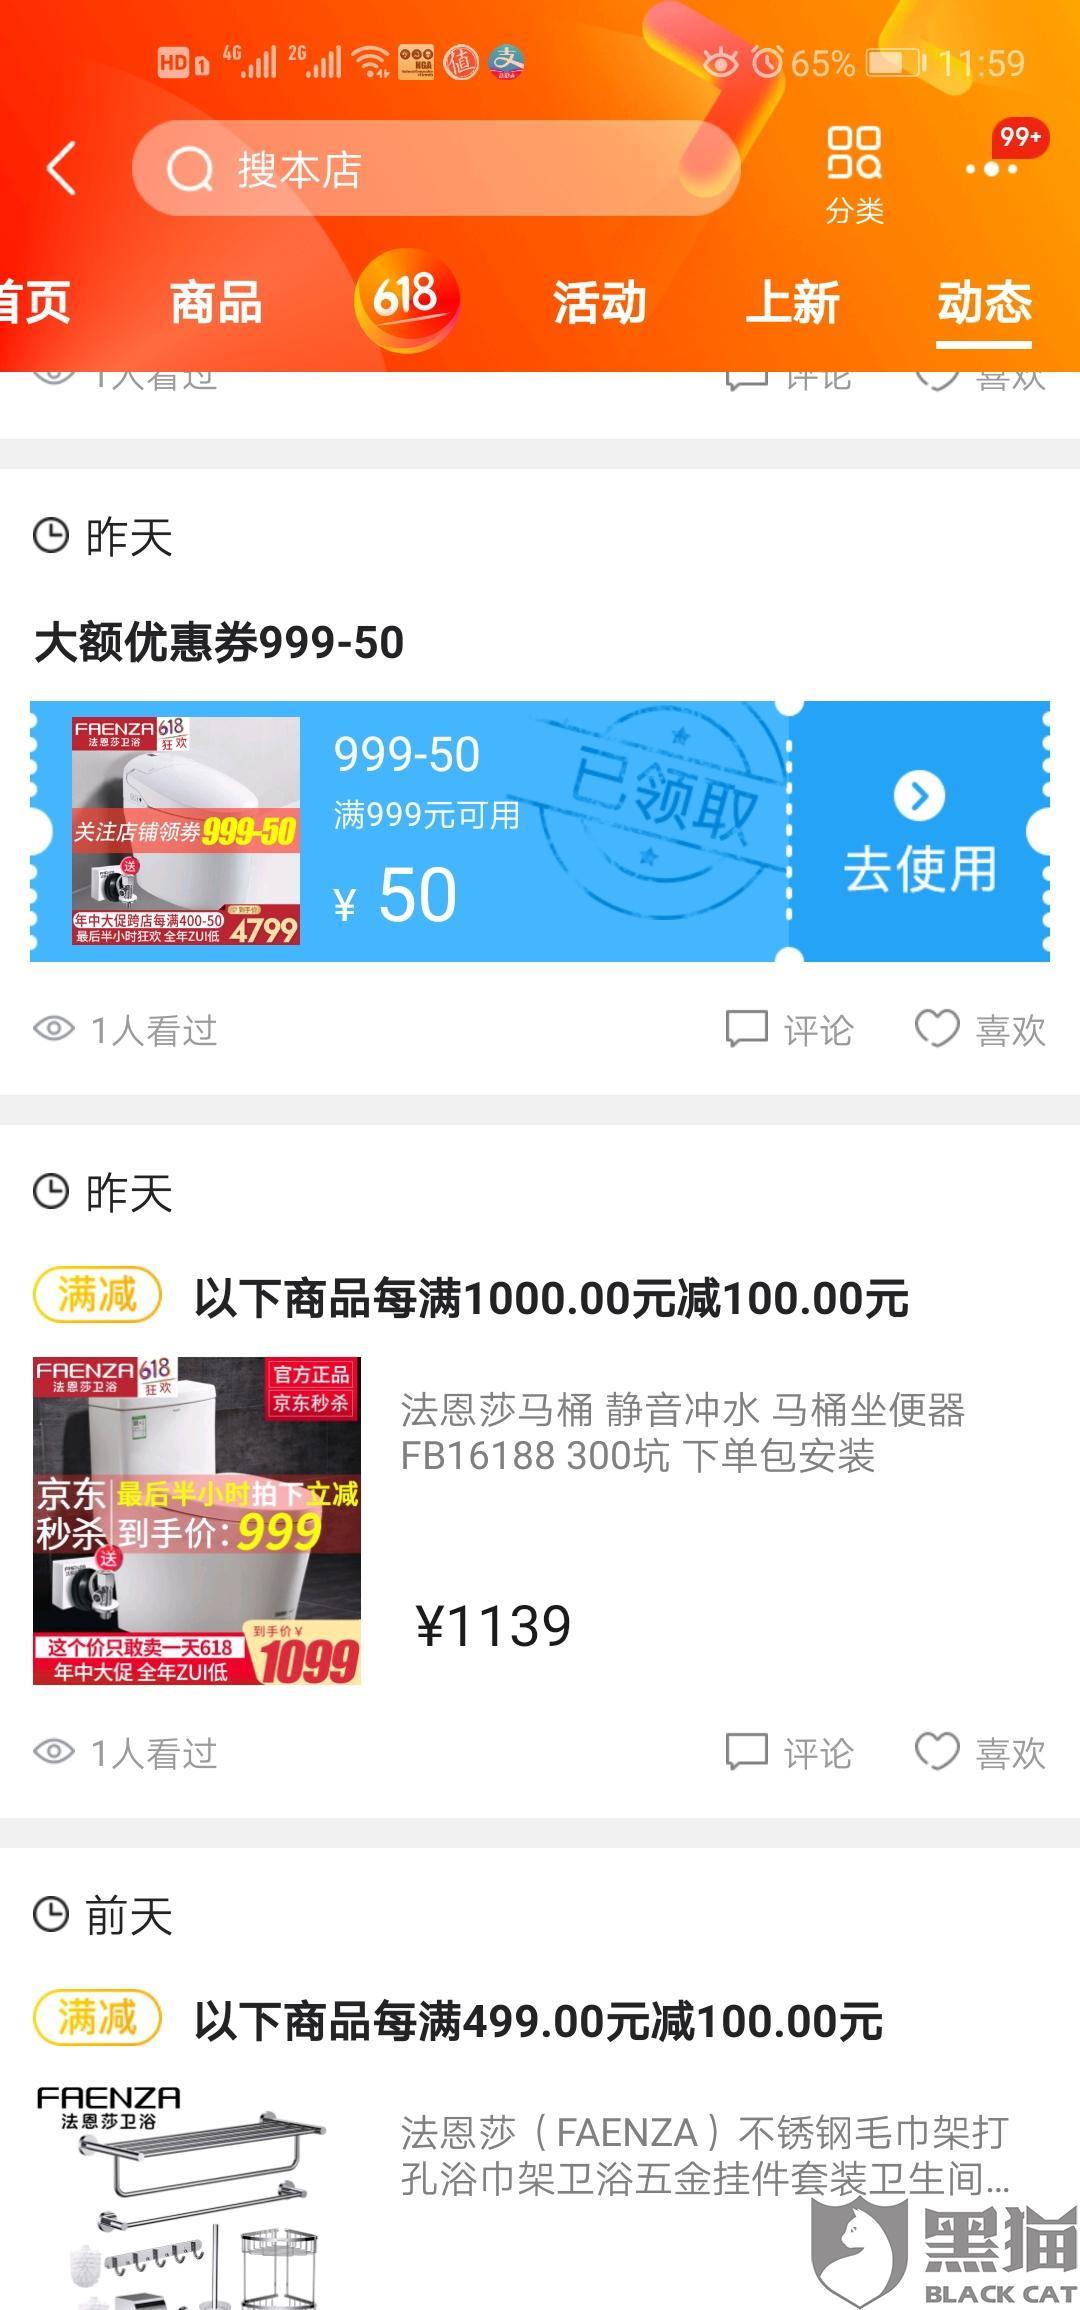 黑猫投诉:最后付款京东法恩莎新恒通专卖店秒变价格!